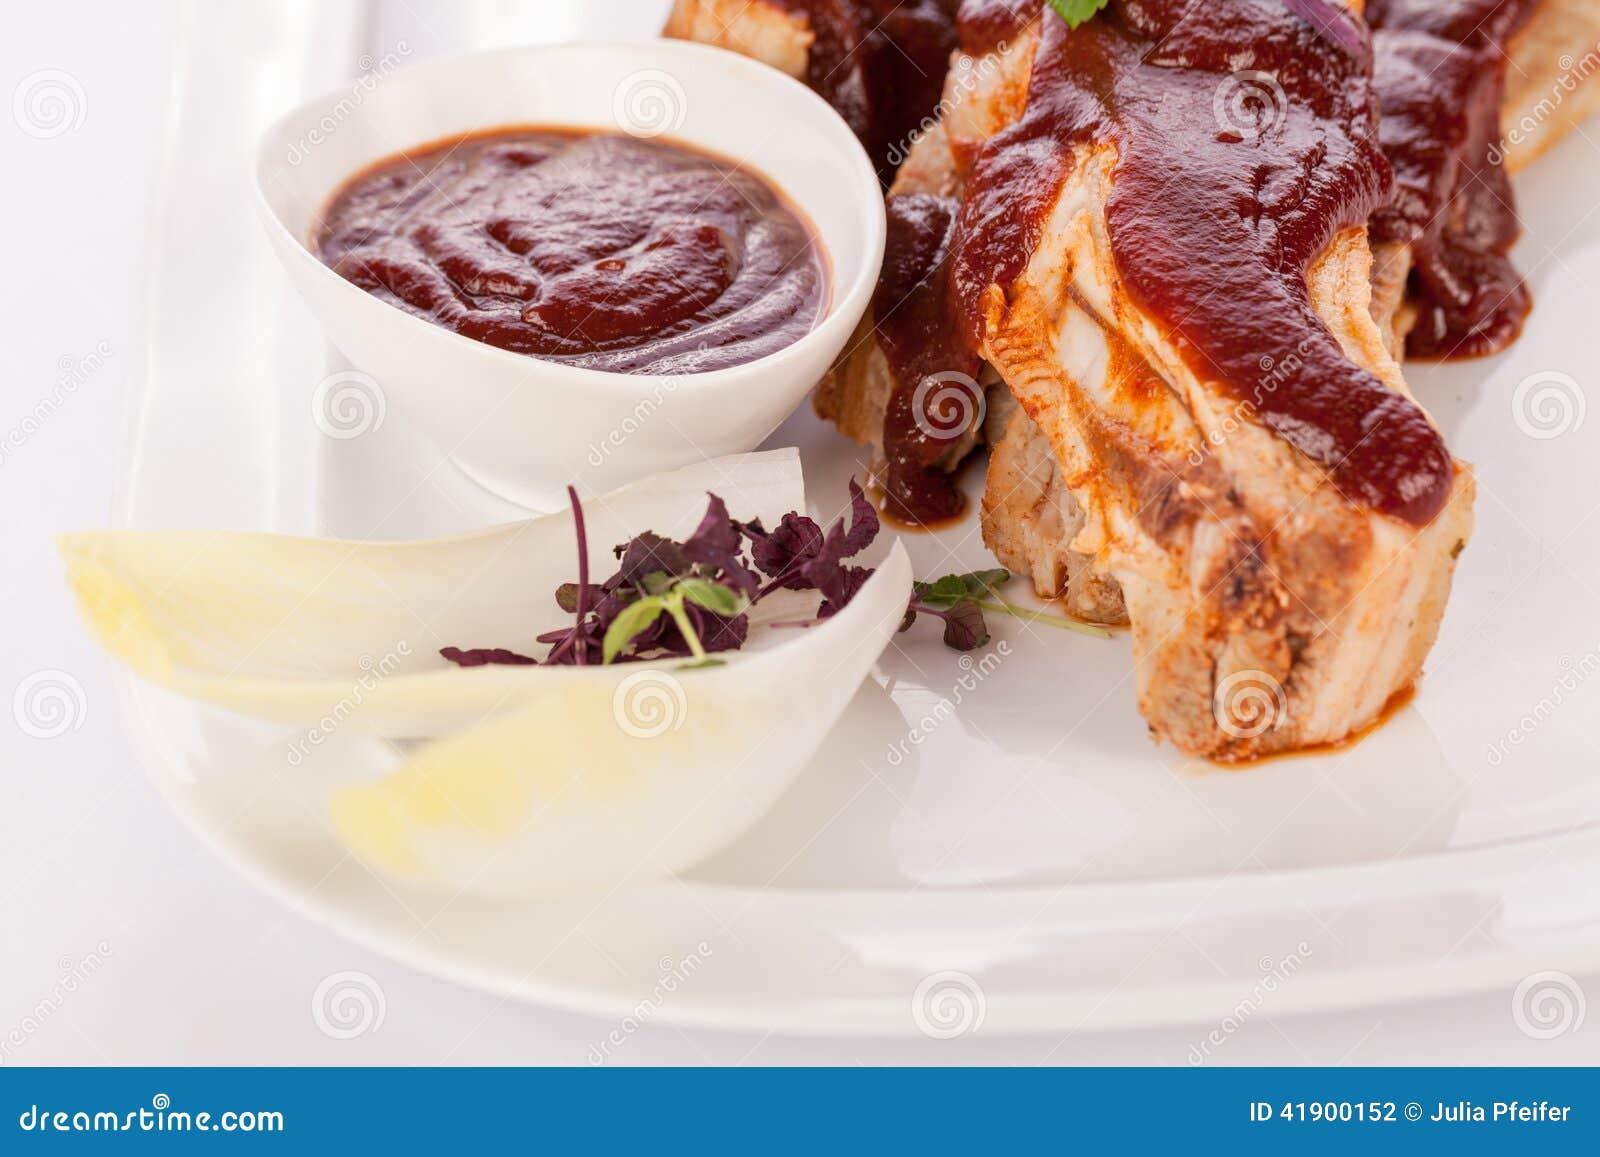 Costillas de cerdo asadas a la parrilla deliciosas